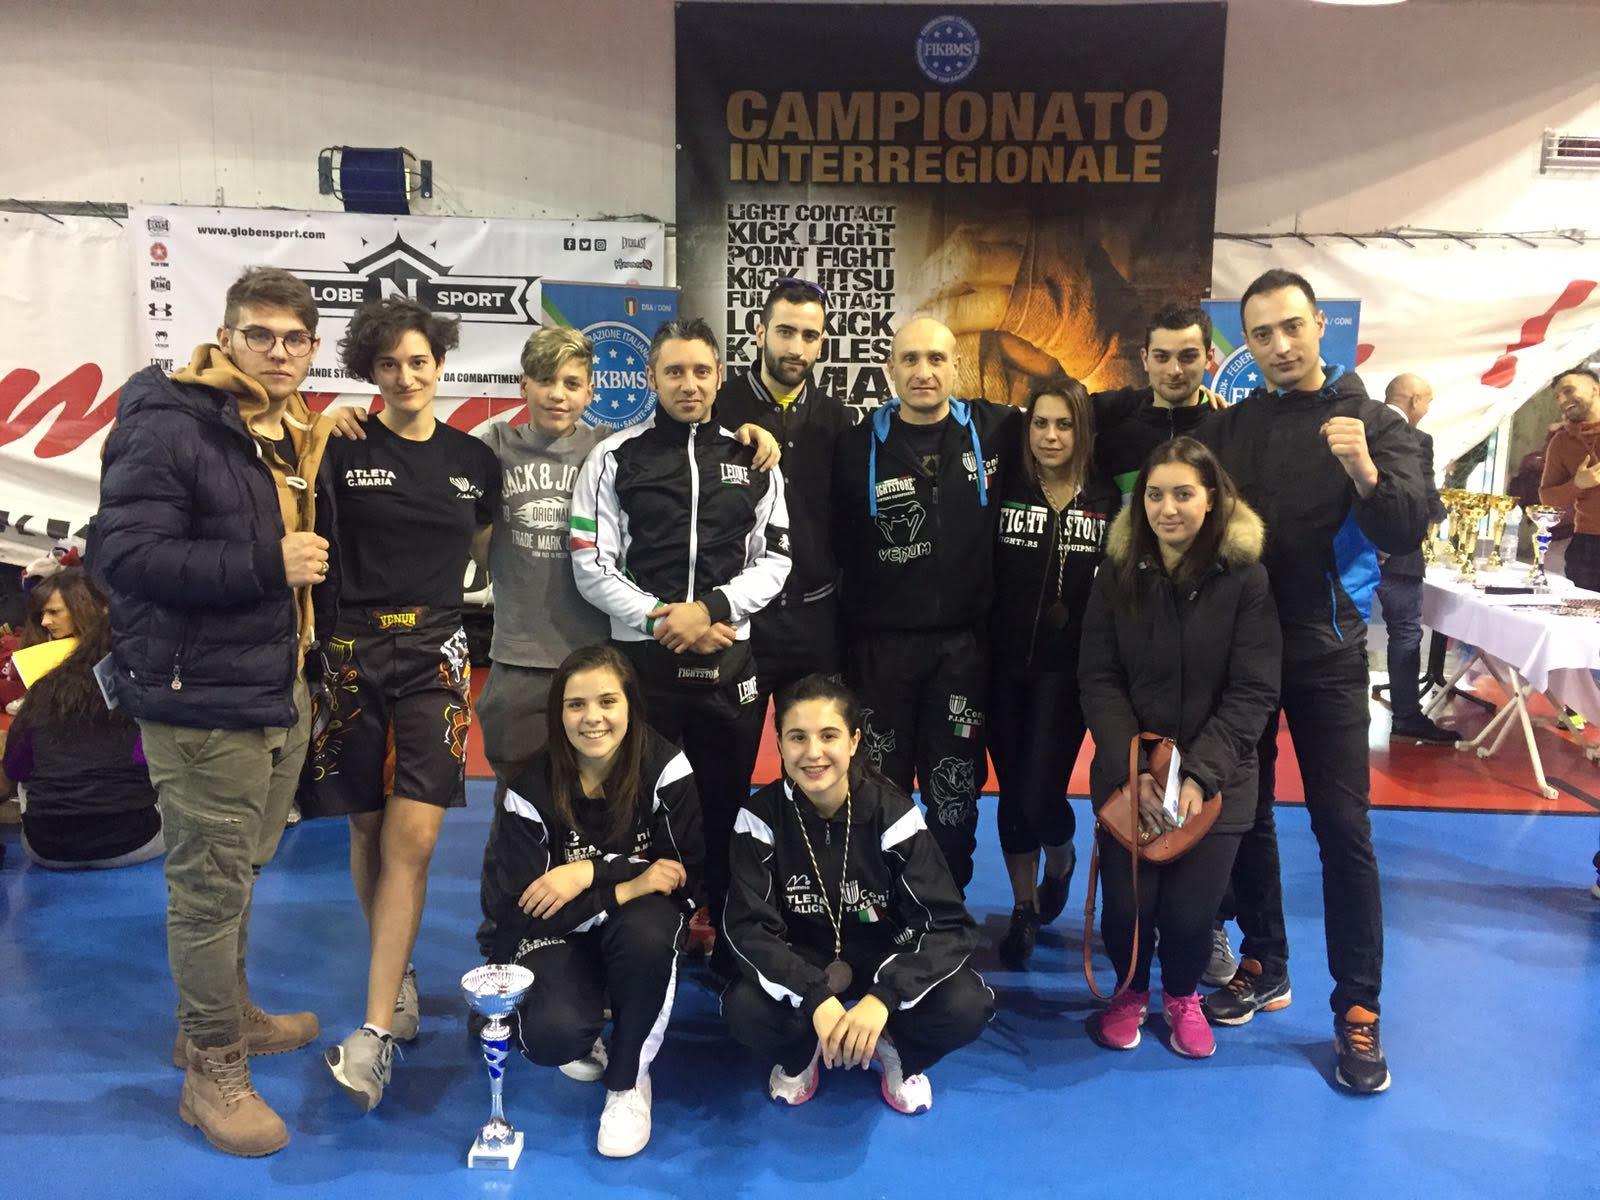 Esordio positivo per la K.O. Team agli Interregionali di kickboxing